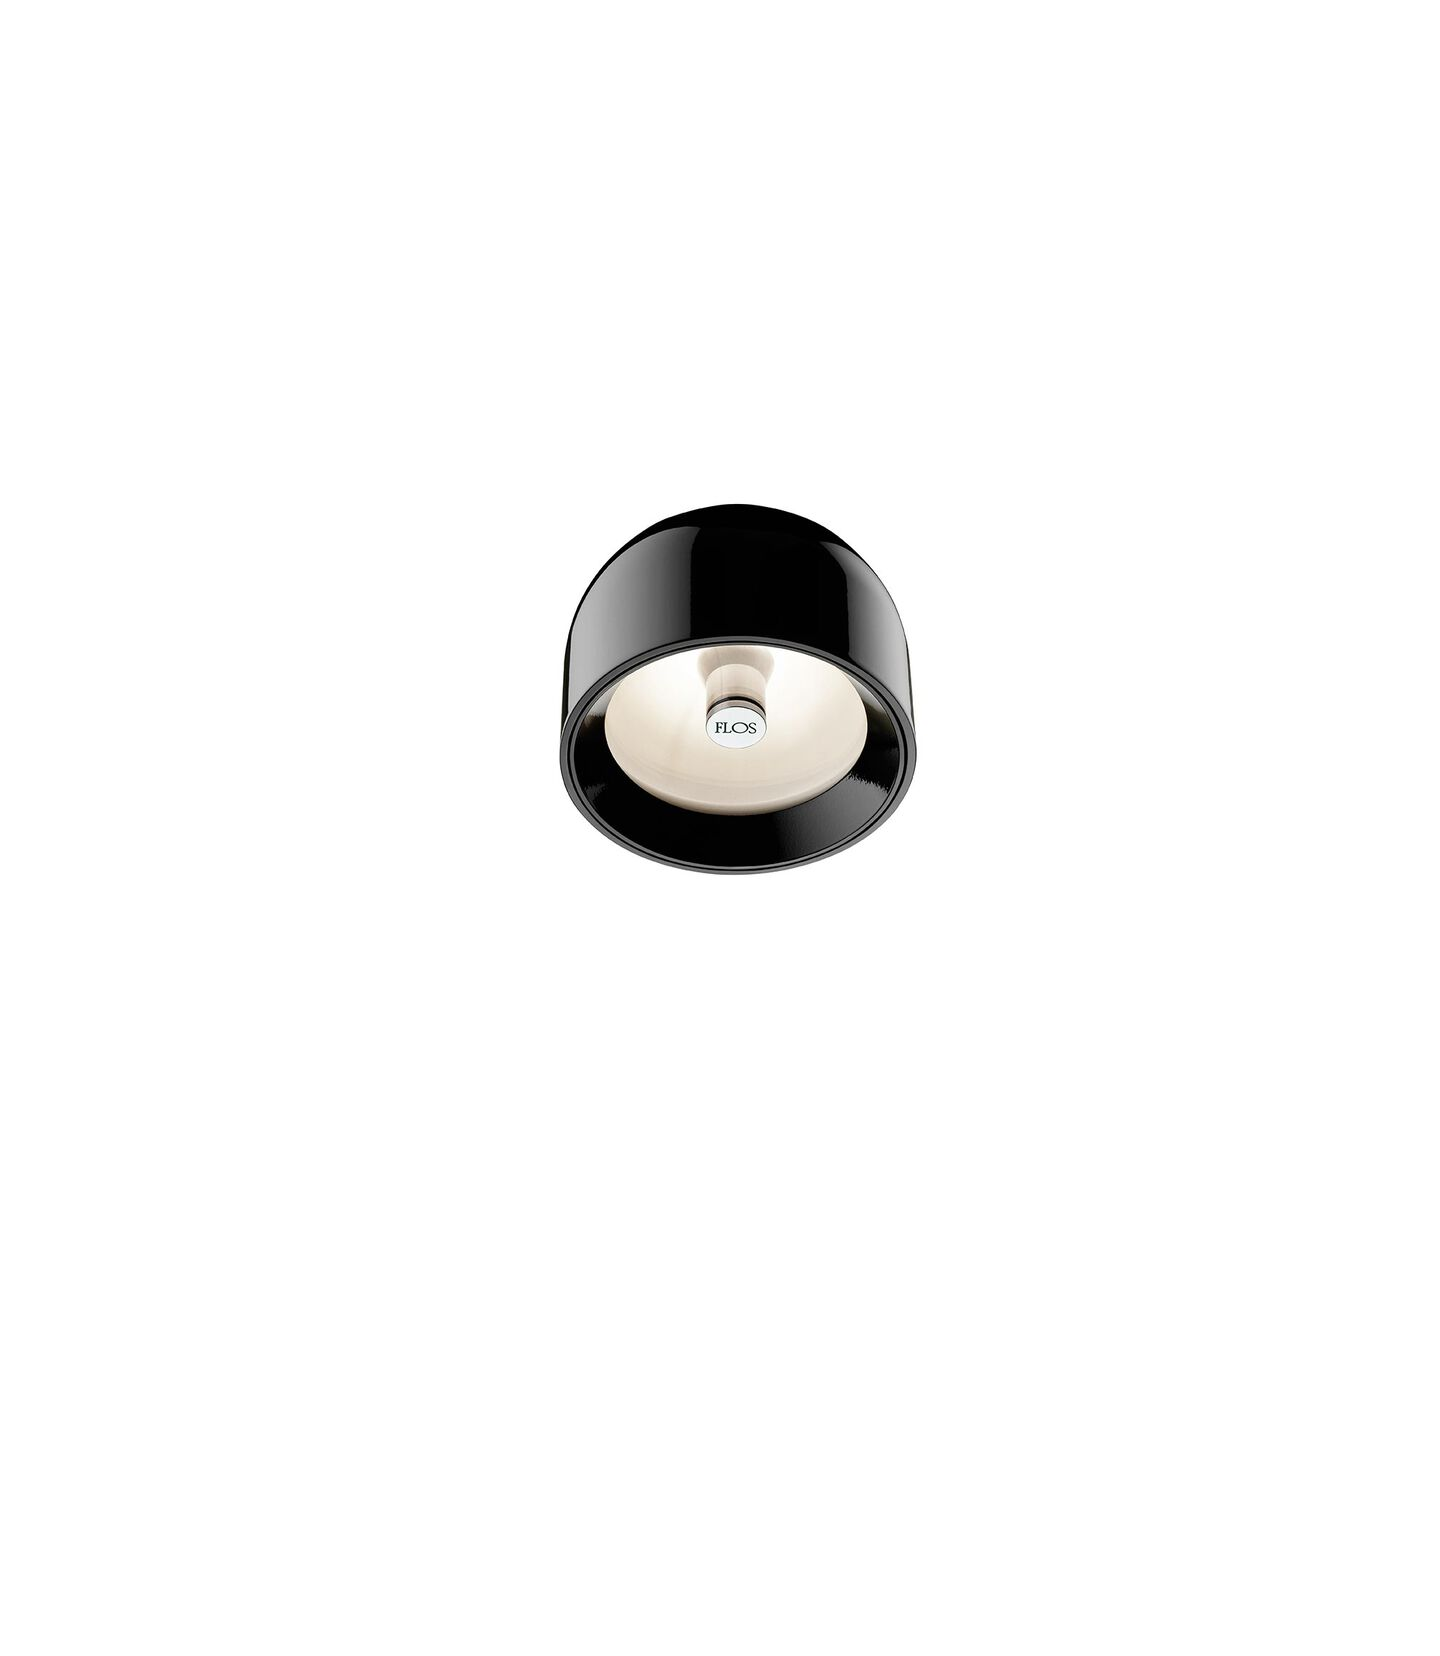 wan-ceiling-wall-grawunder-flos-F9550030-product-still-life-big-1